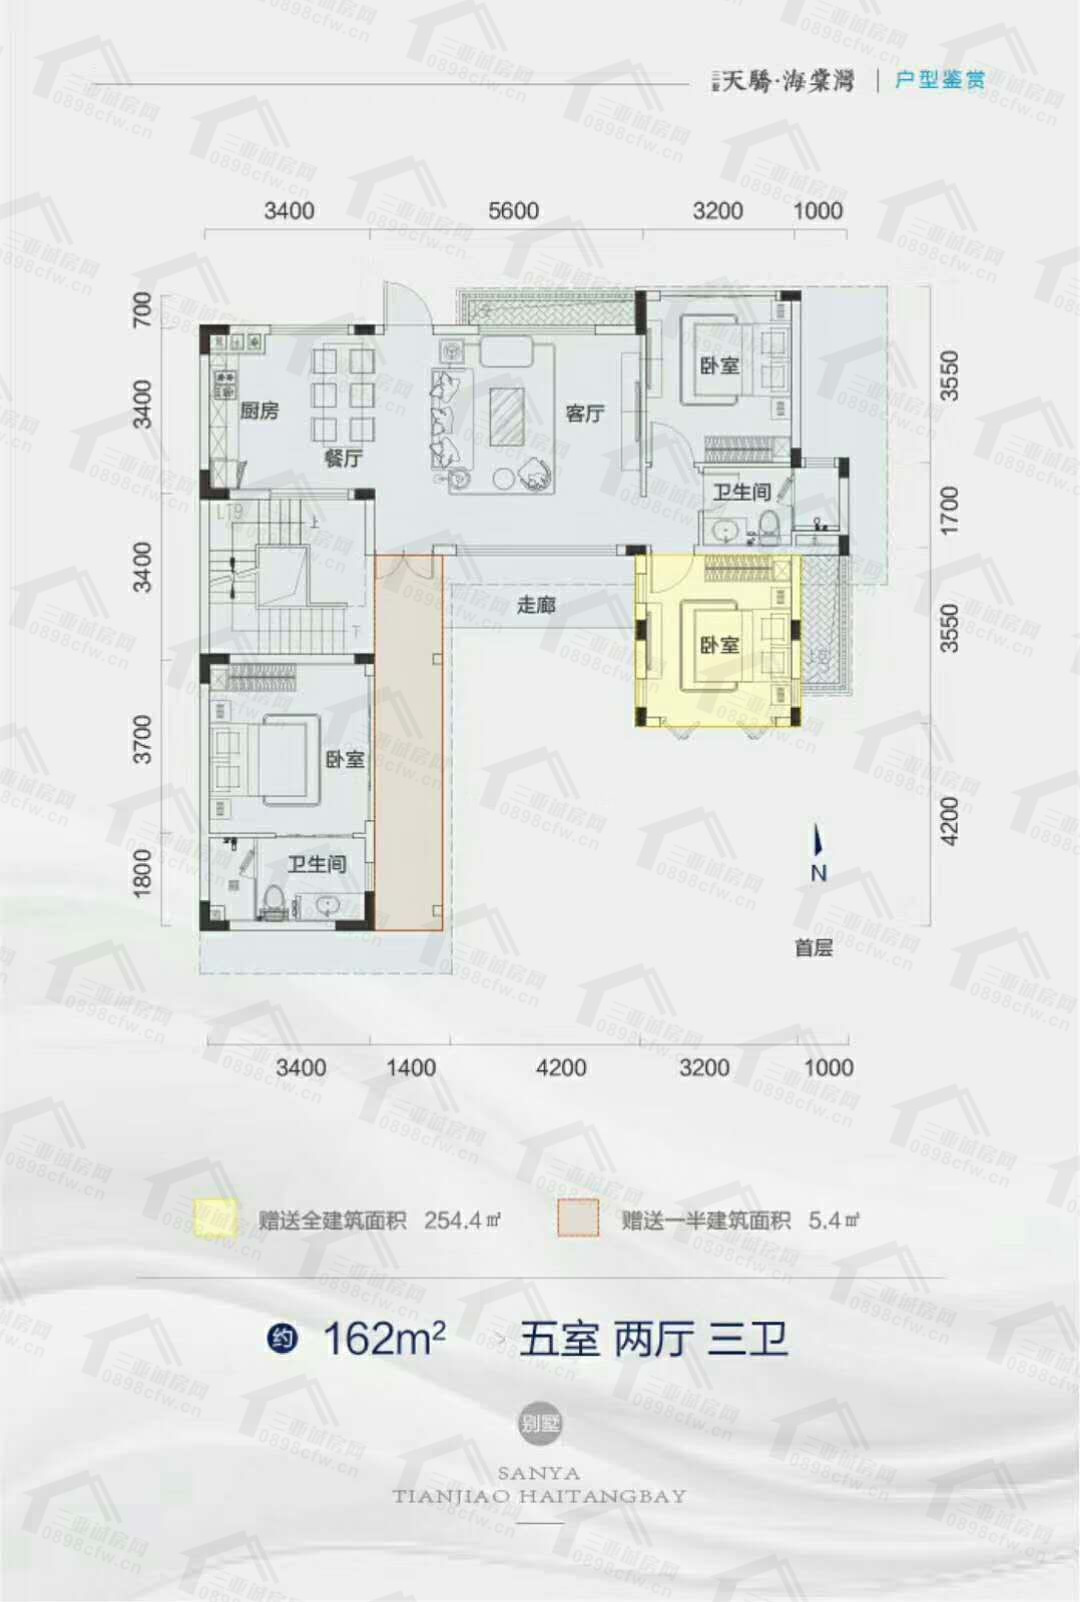 天骄海棠湾别墅B户型 5房2厅3卫 建筑面积:162㎡